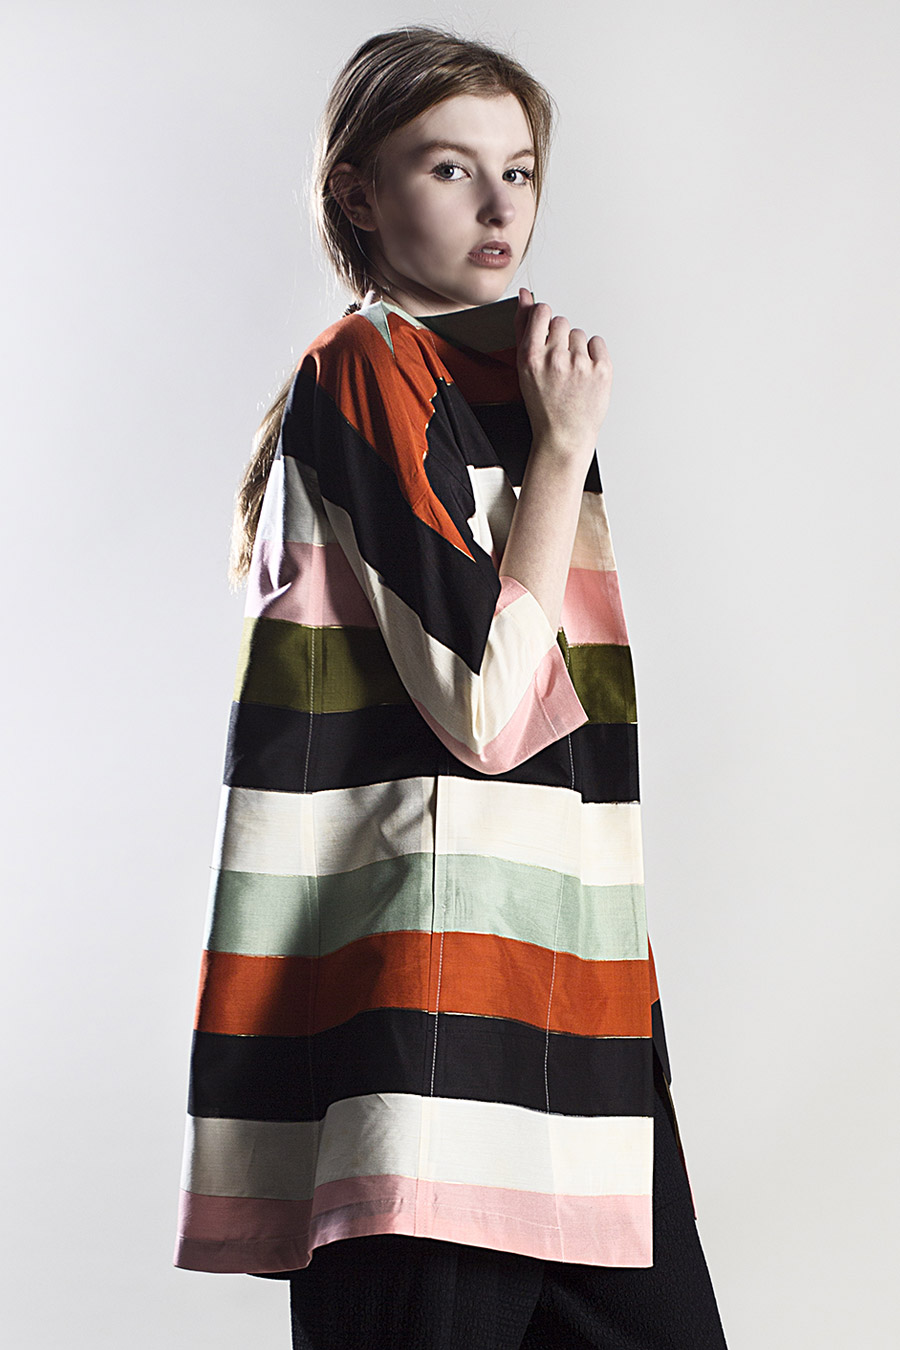 Outfit-12-4301_crop.jpg